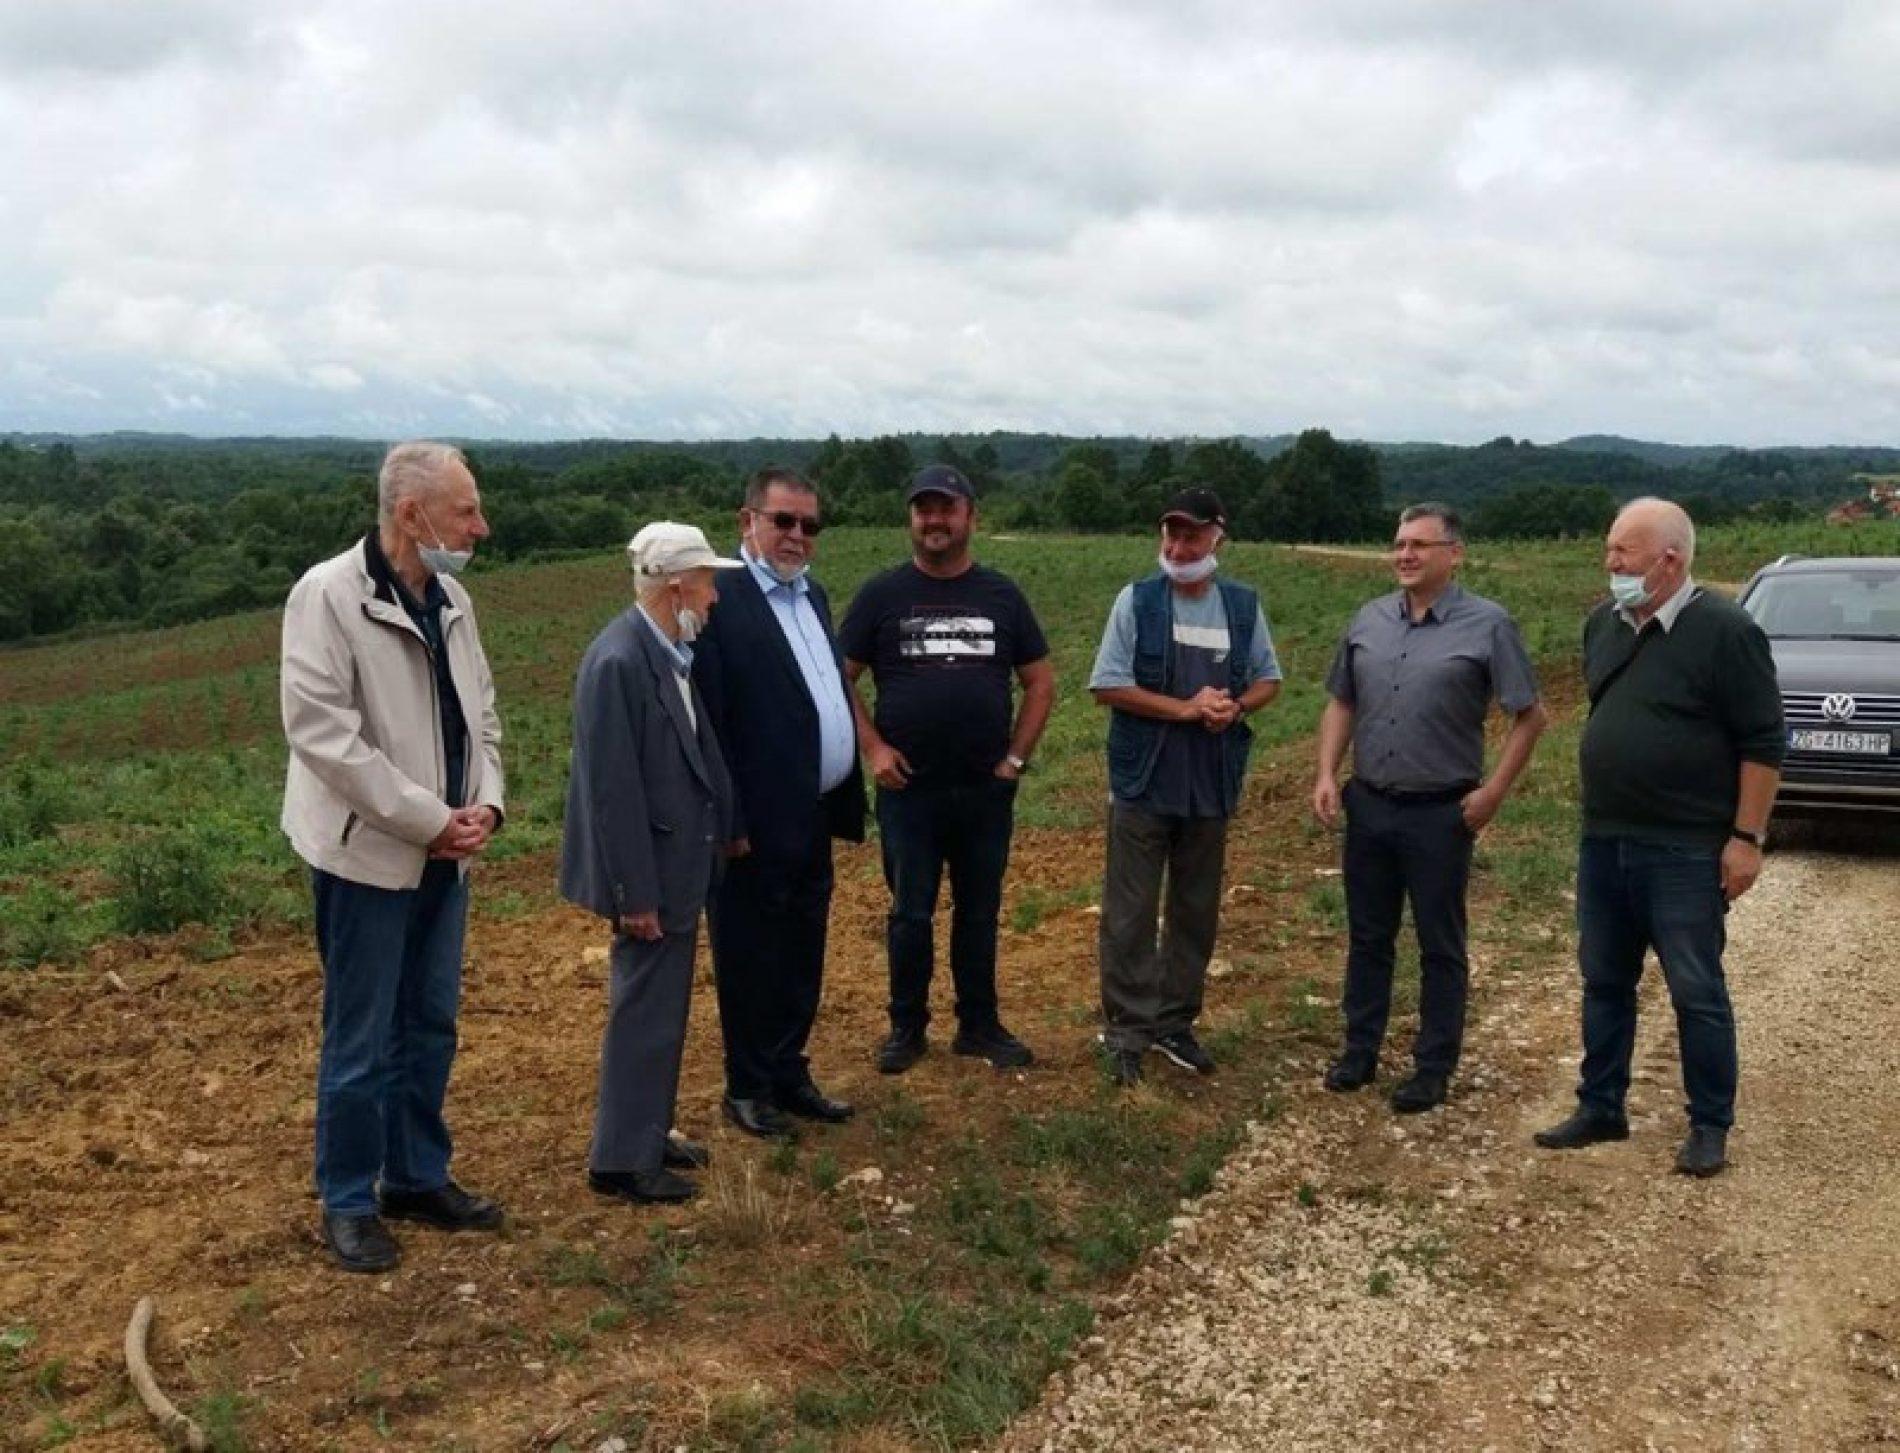 Iako živi u SAD-u, Sead  Dizdarević investira u rodni kraj i ne prepušta zemlju korovu